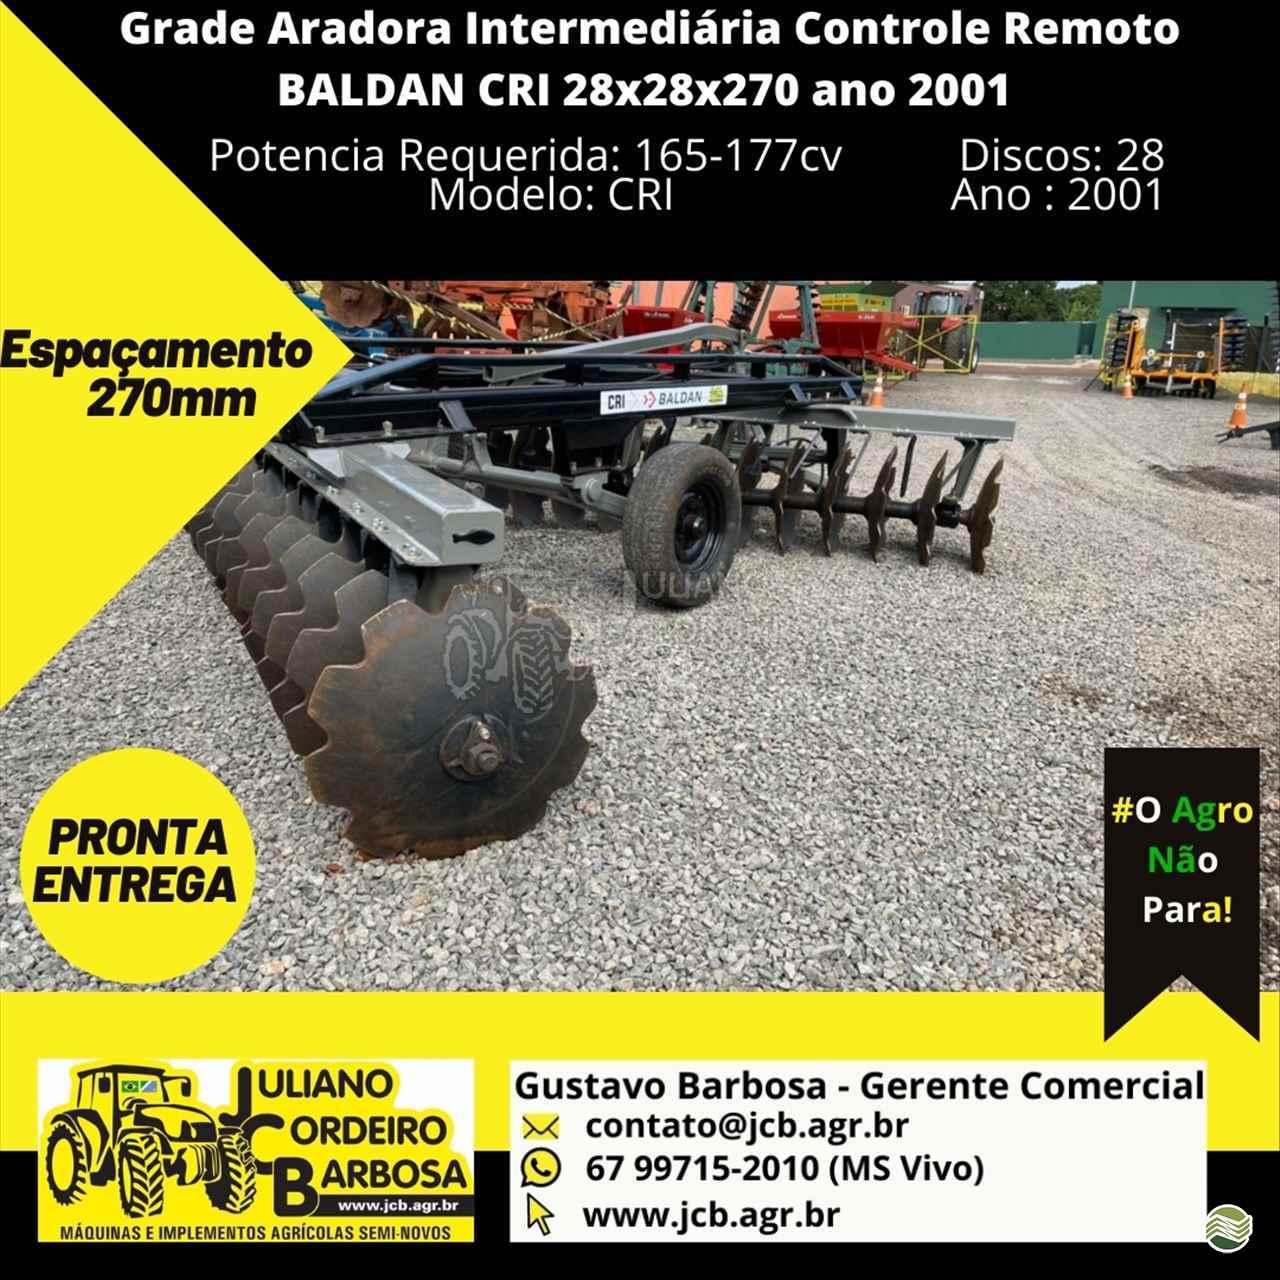 IMPLEMENTOS AGRICOLAS GRADE INTERMEDIÁRIA INTERMEDIÁRIA 28 DISCOS JCB Máquinas e Implementos Agrícolas MARACAJU MATO GROSSO DO SUL MS